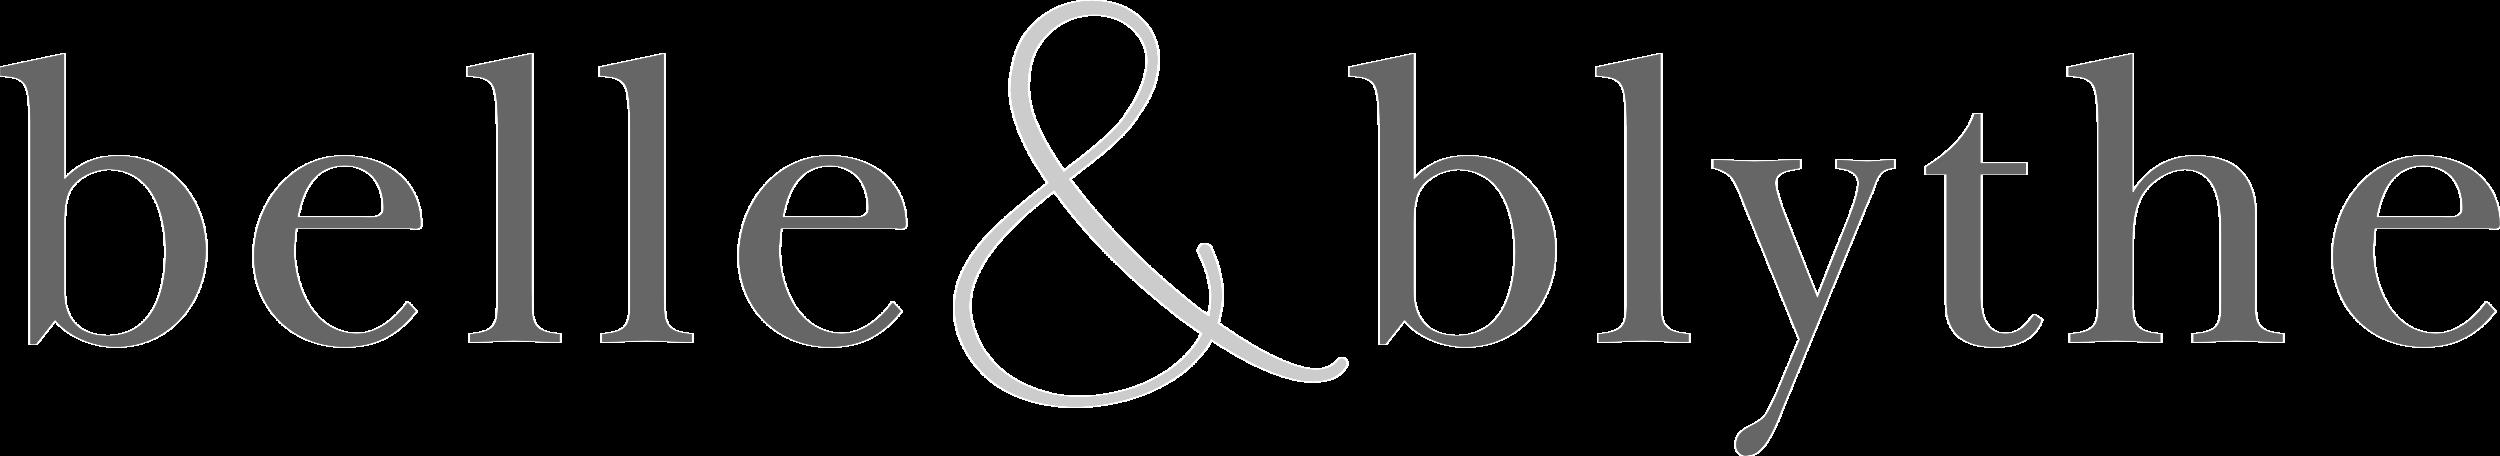 Belle&Blythe - logo.design. Transparent background.png